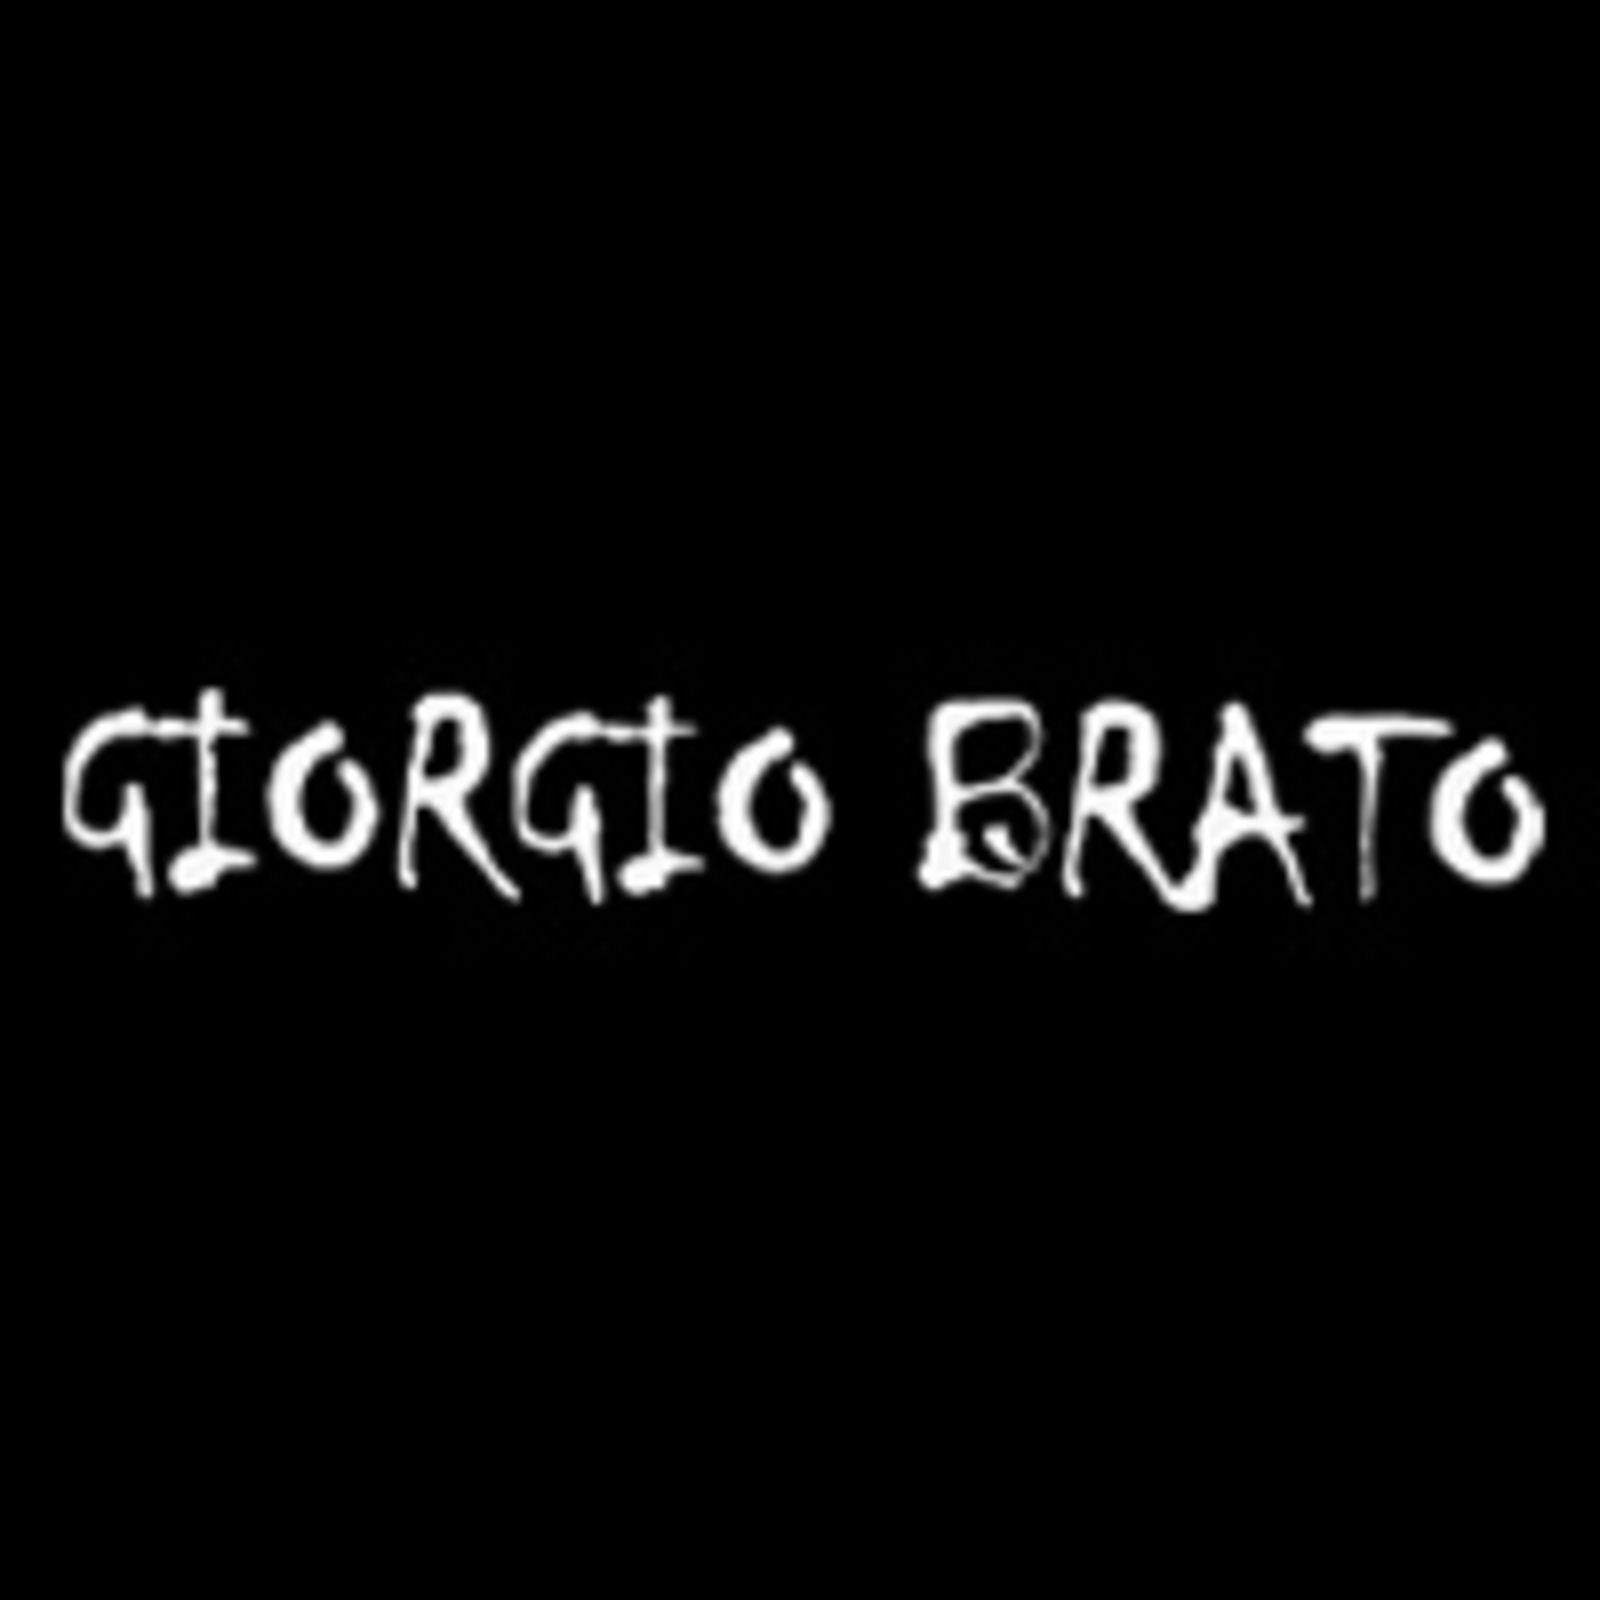 GIORGIO BRATO (Image 1)